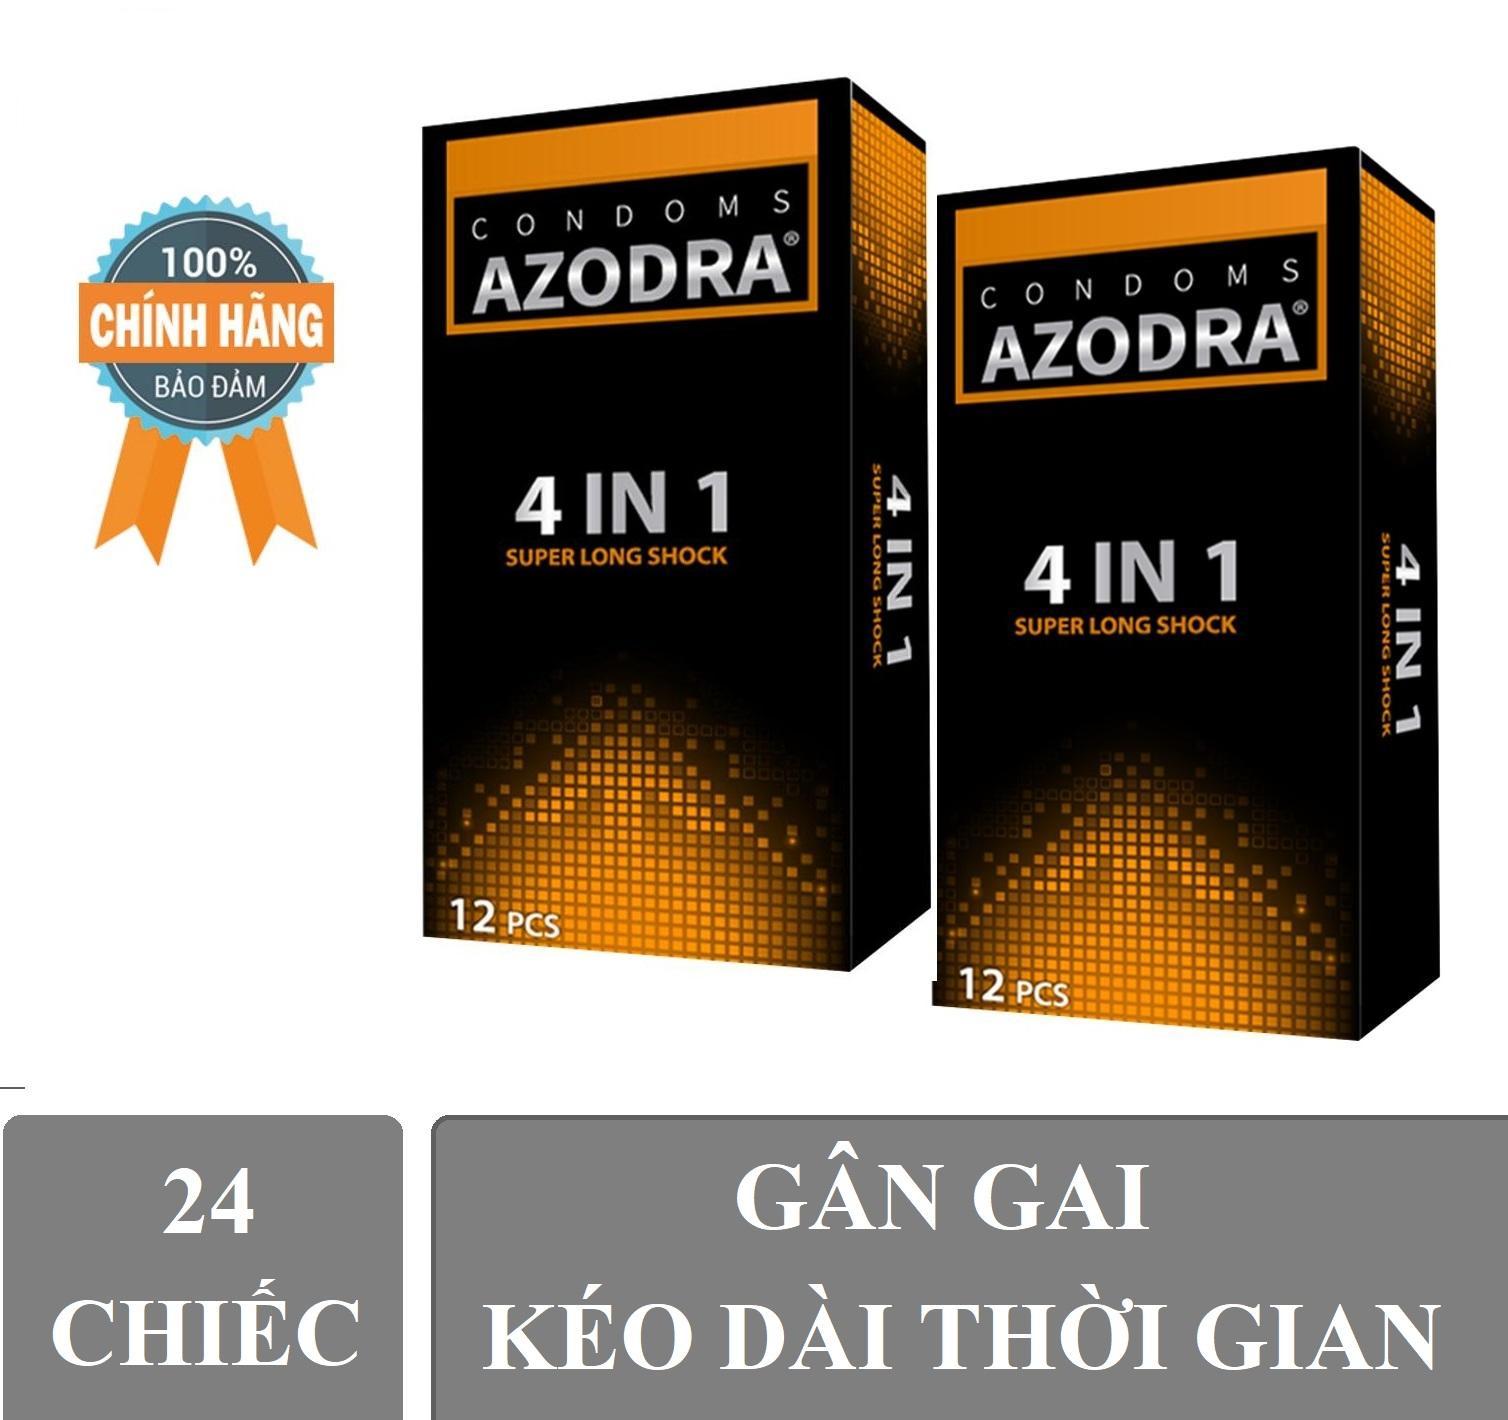 Combo 2 hop Bao Cao Su Azodra Tổng Hợp Gân, Gai, Mỏng, Kéo Dài Thời Gian Quan Hệ ( hộp 12 chiếc )Cam ket chinh hang 100% nhập khẩu